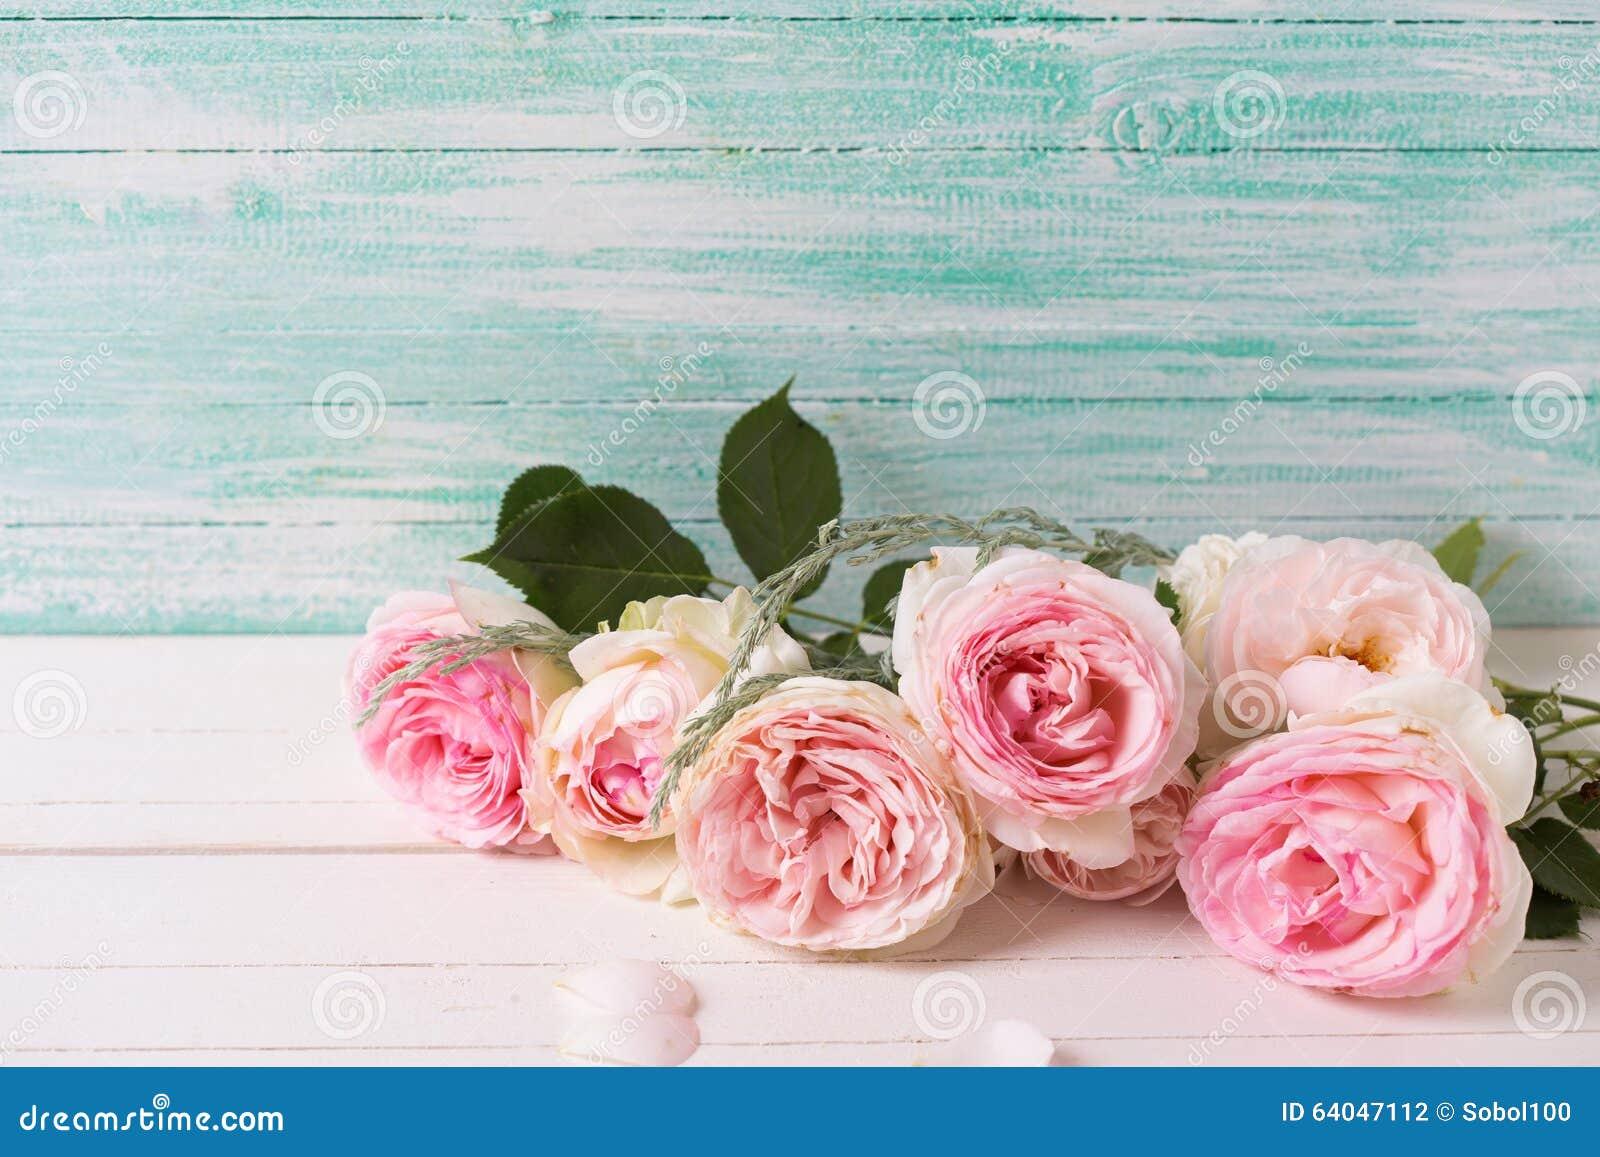 Hintergrund mit süßen rosa Rosen blüht auf dem Weiß gemalt hölzern